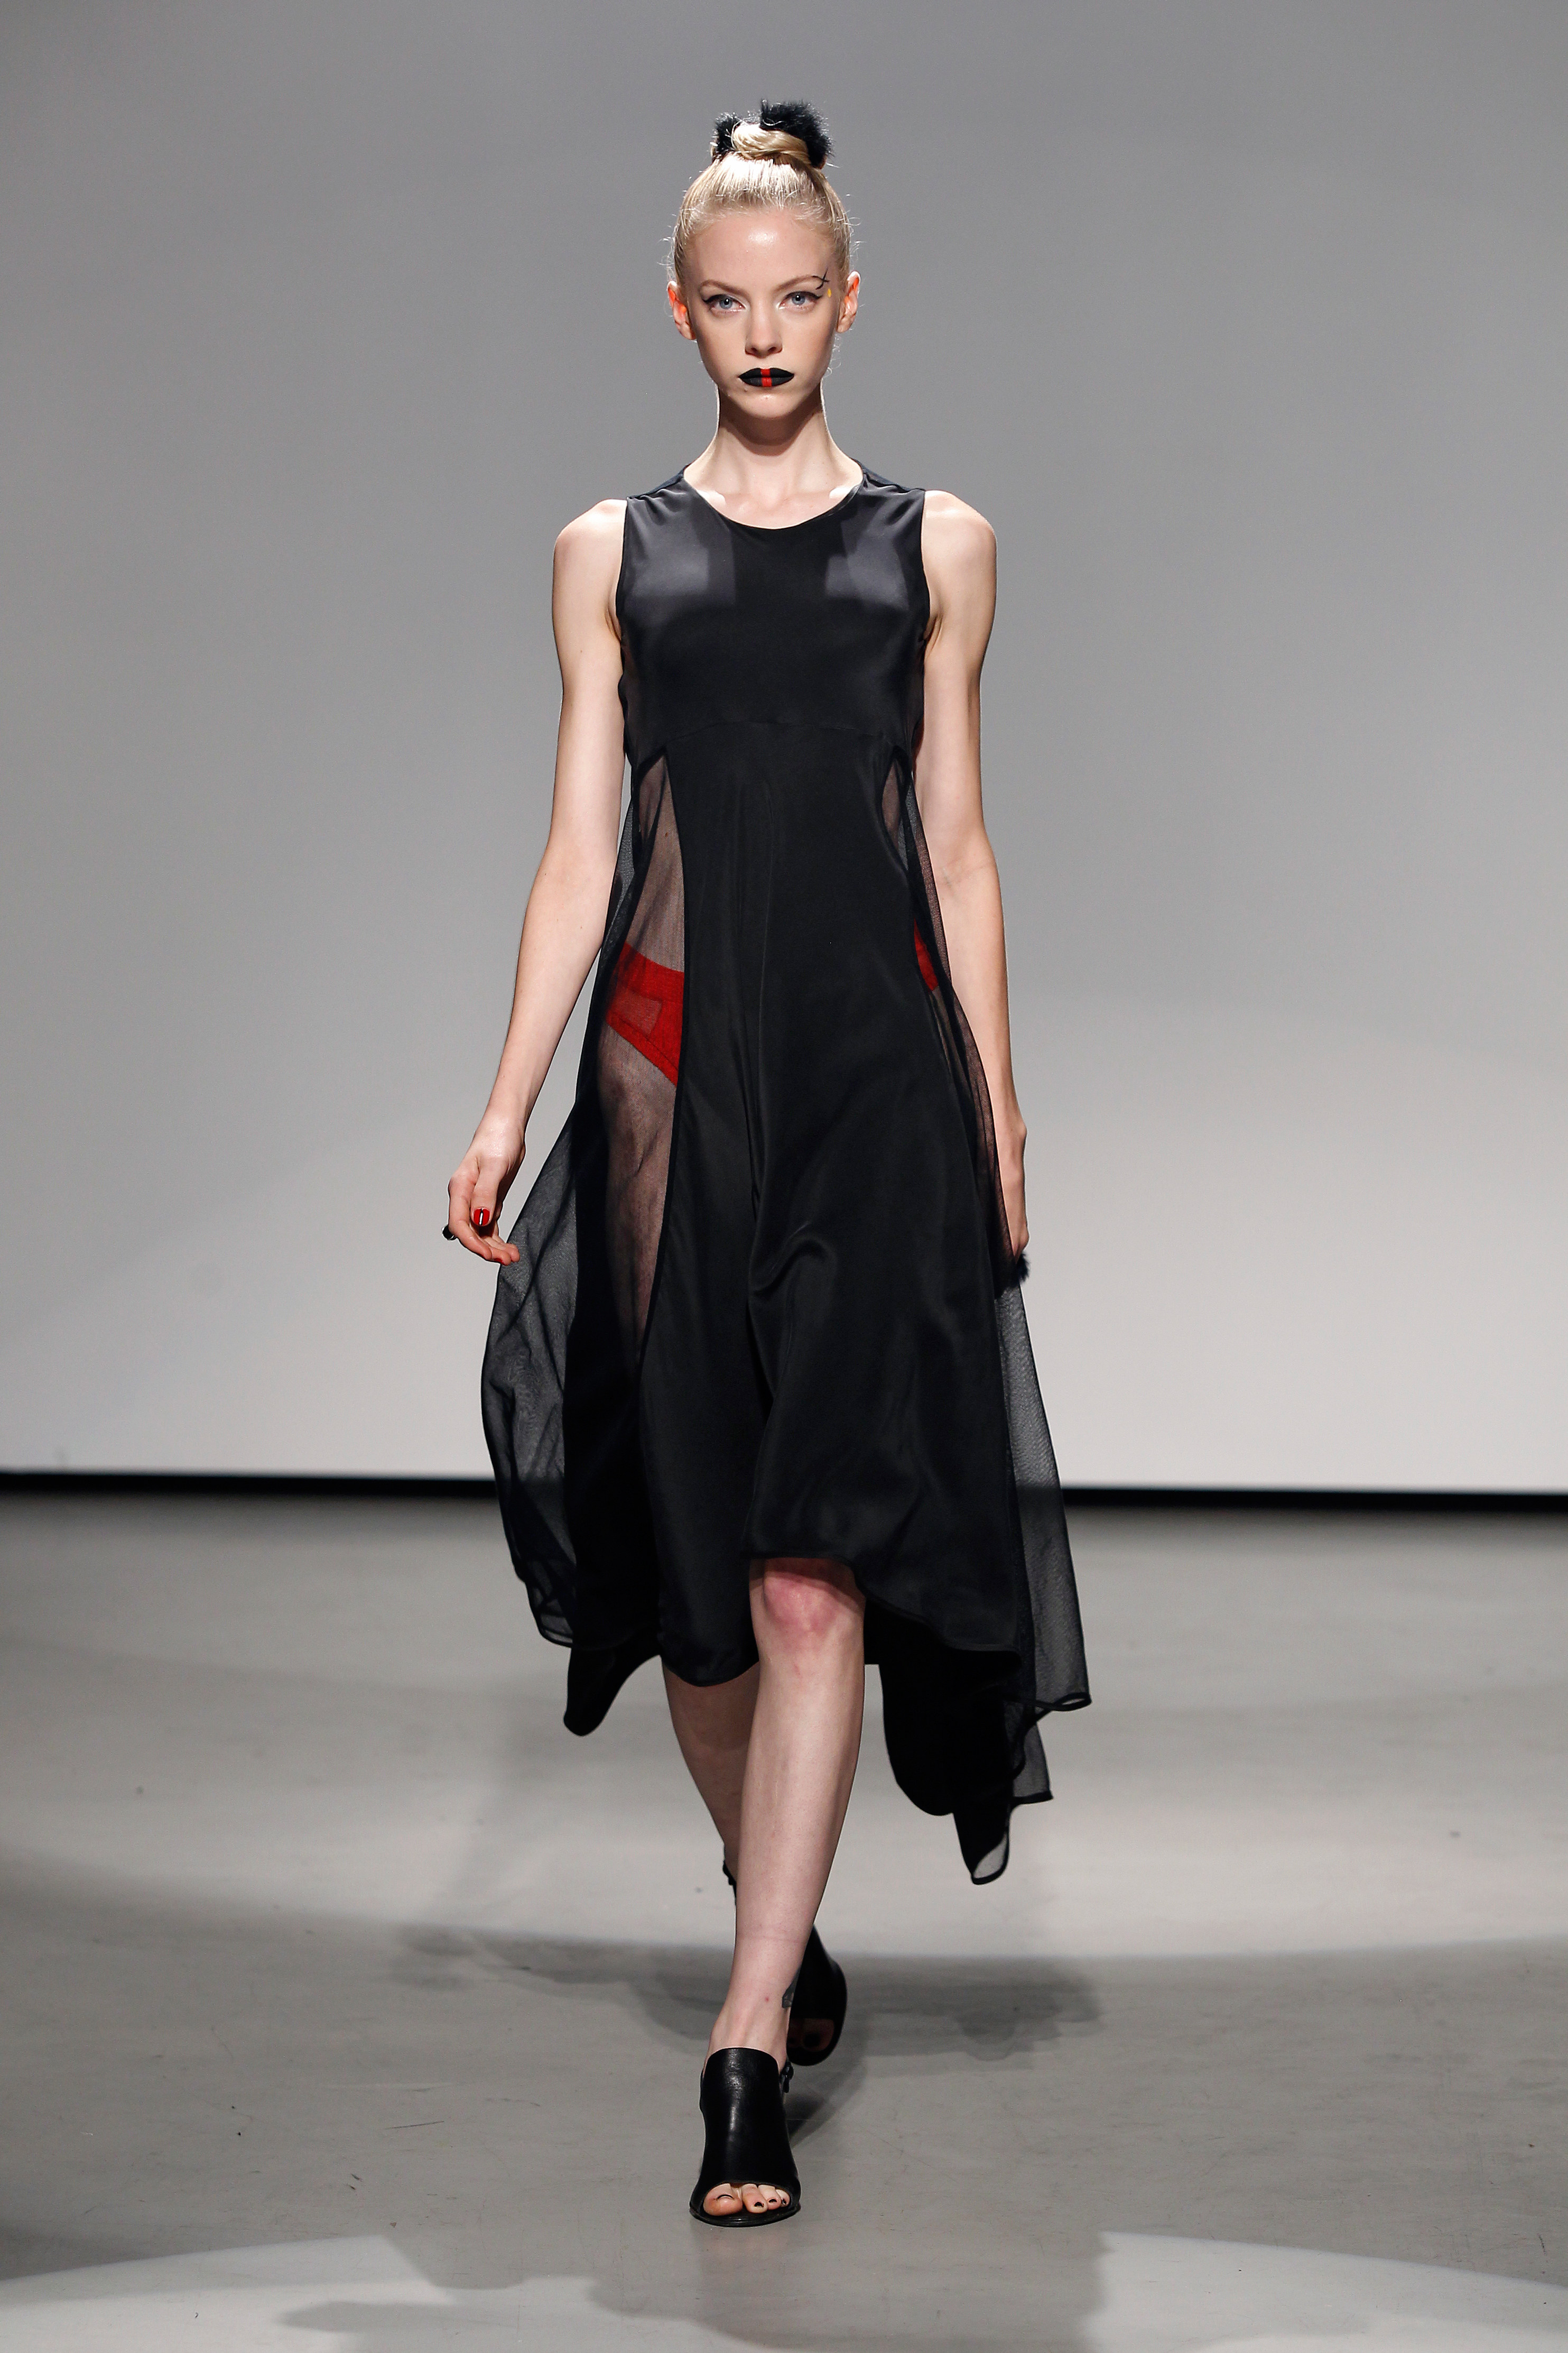 Katie Gallagher SS16 in Vogue Runway